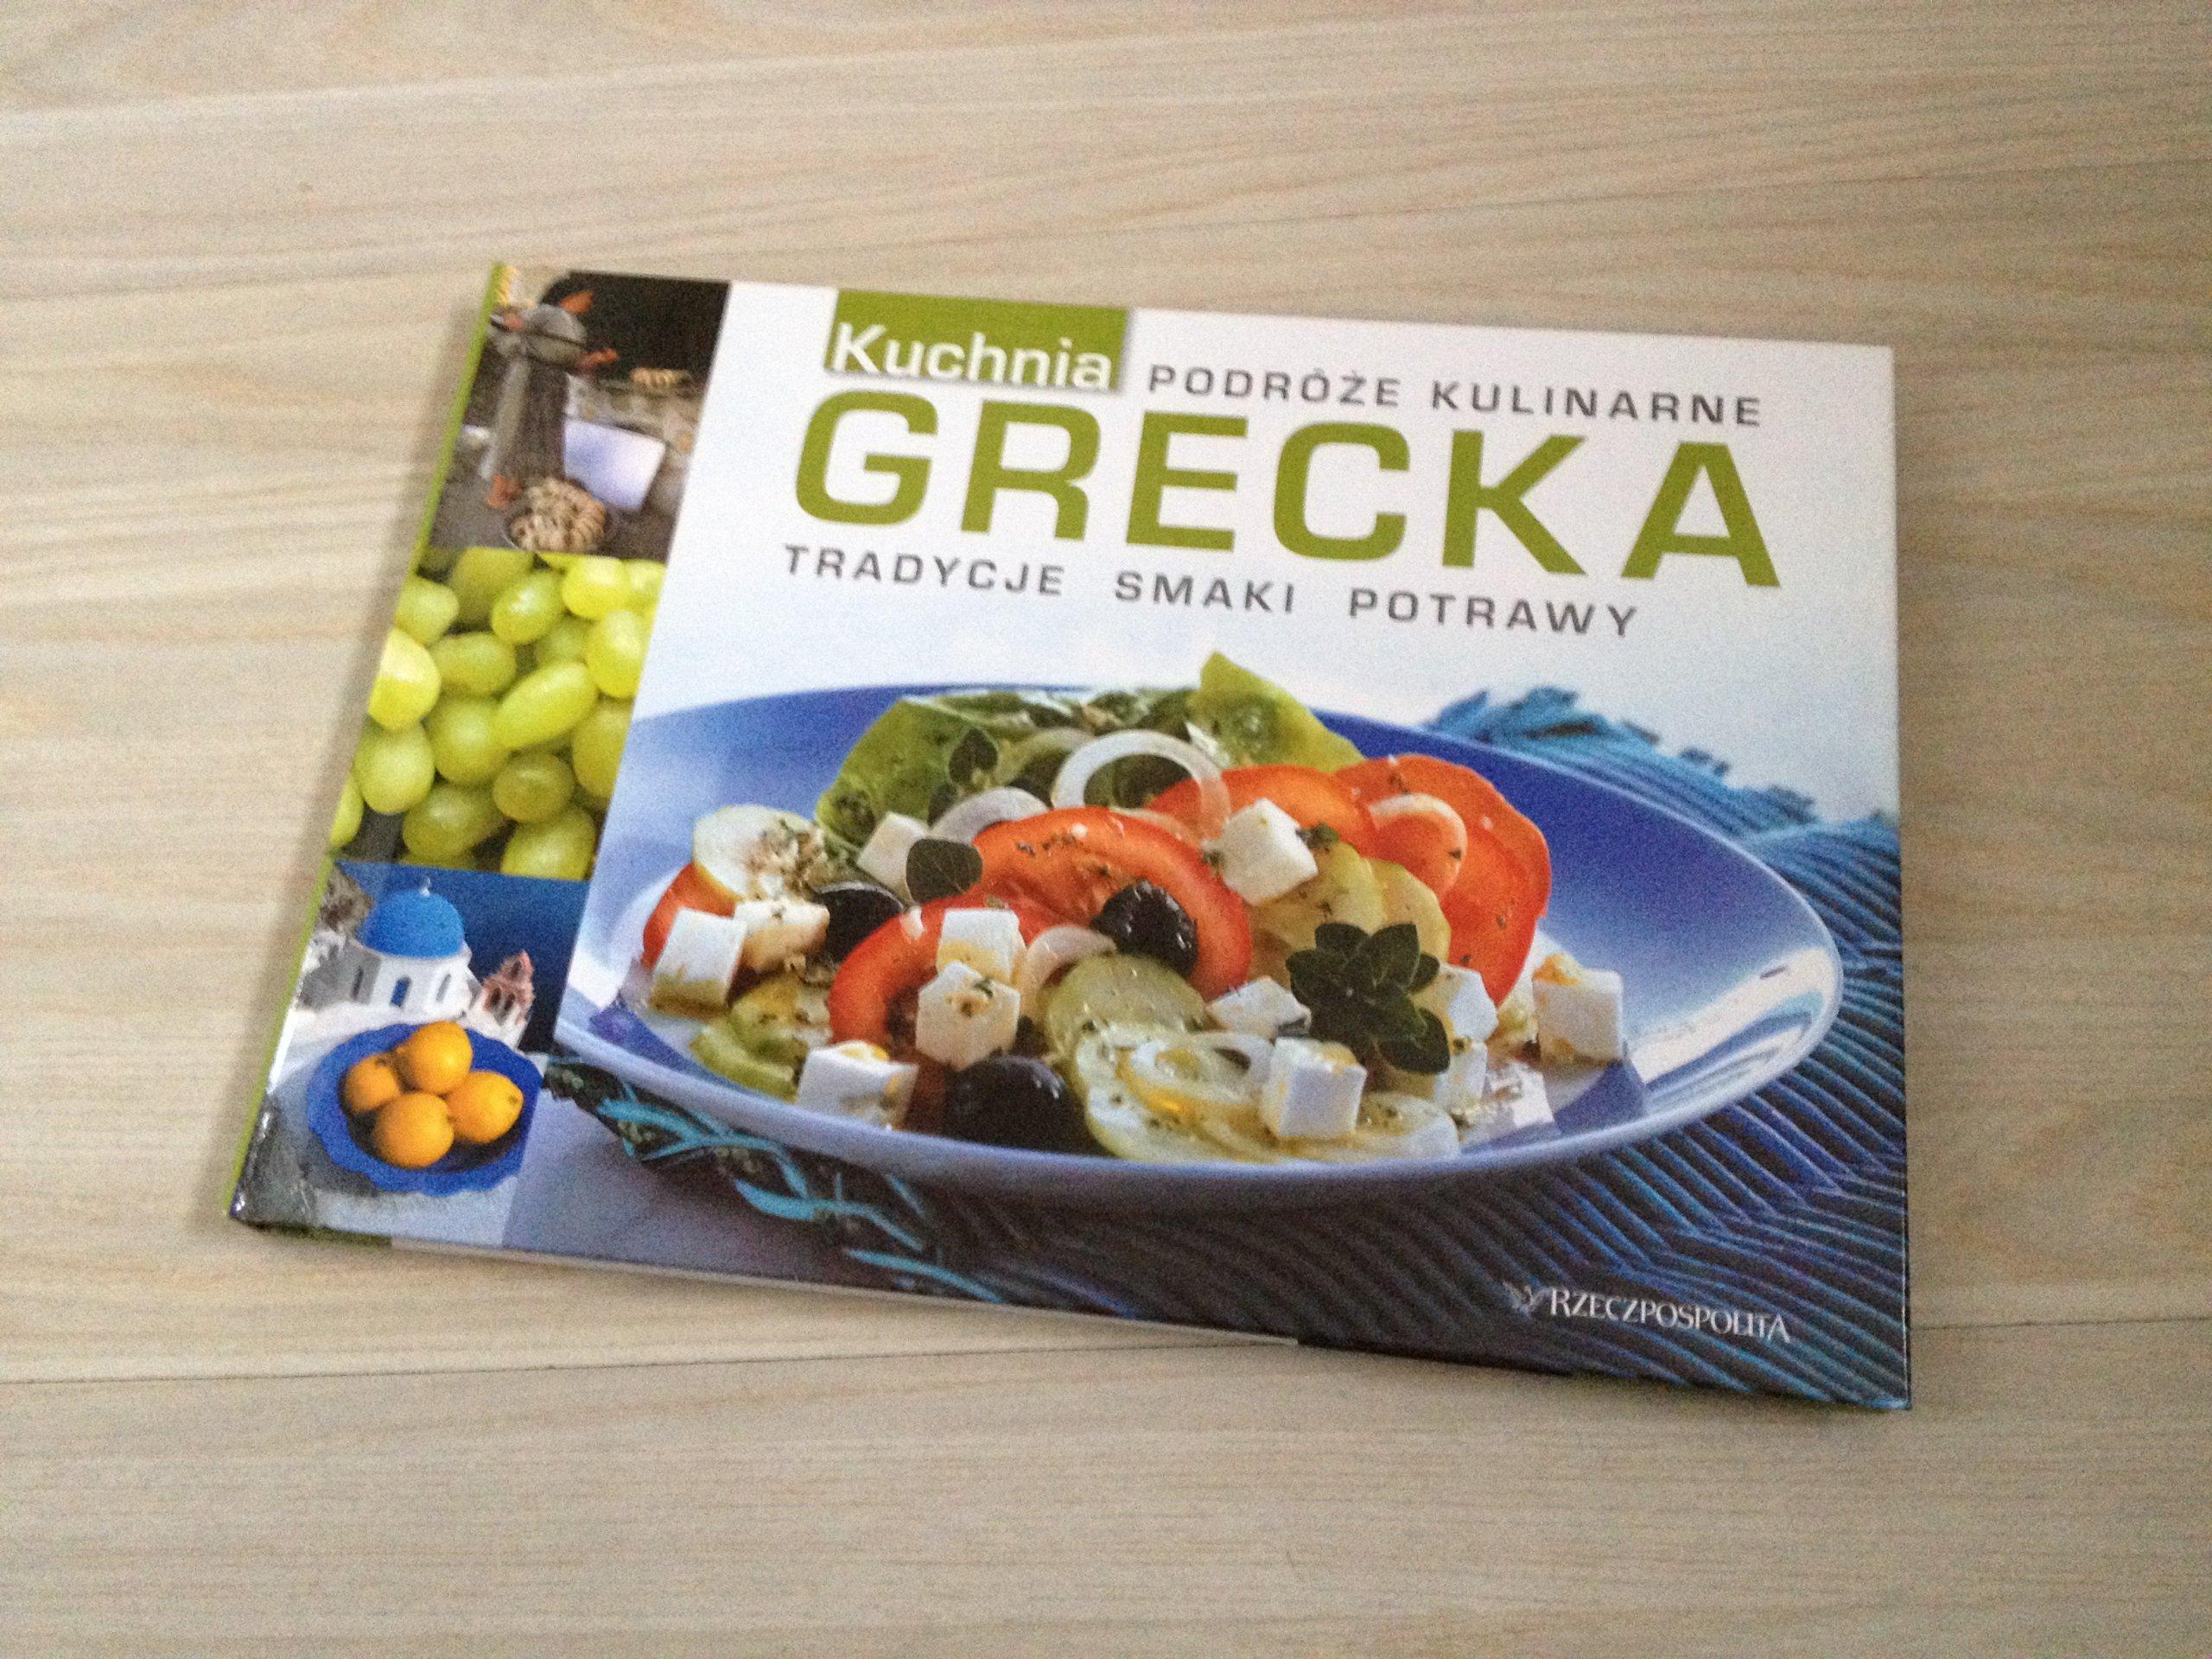 Kuchnia Grecka Podroze Kulinarne Tradycje Przepisy 7148427613